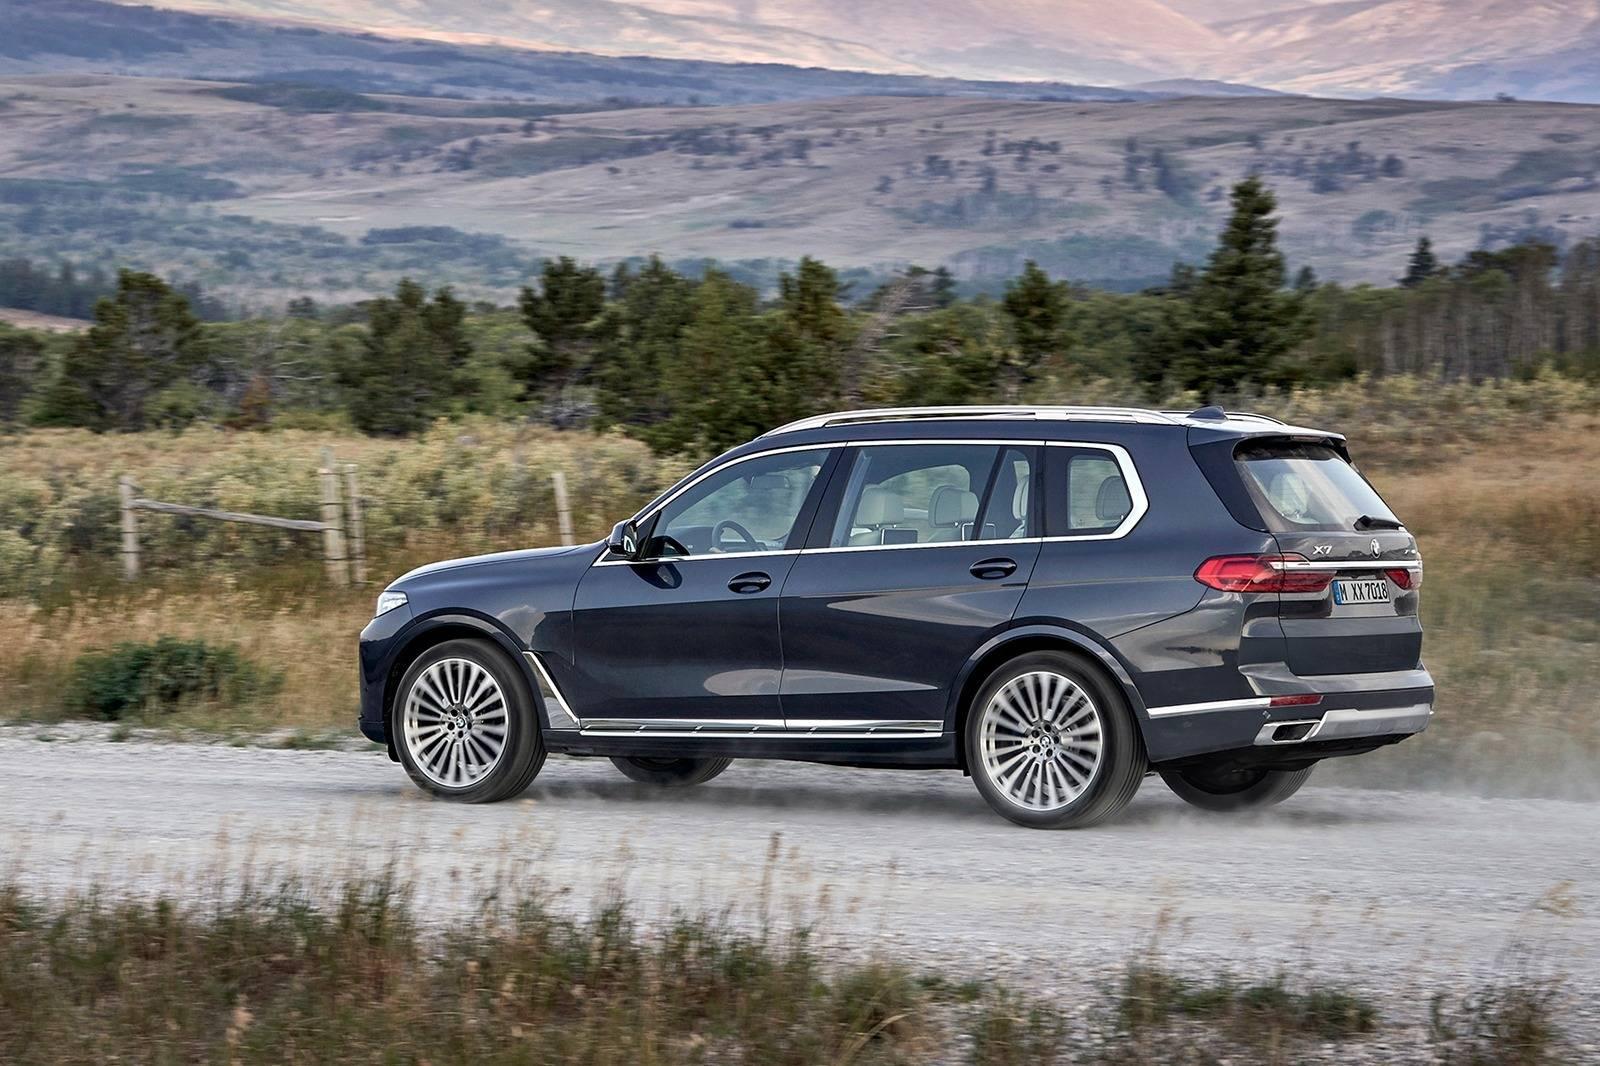 X7-le-nouveau-SUV-XXL-de-BMW-1.jpg